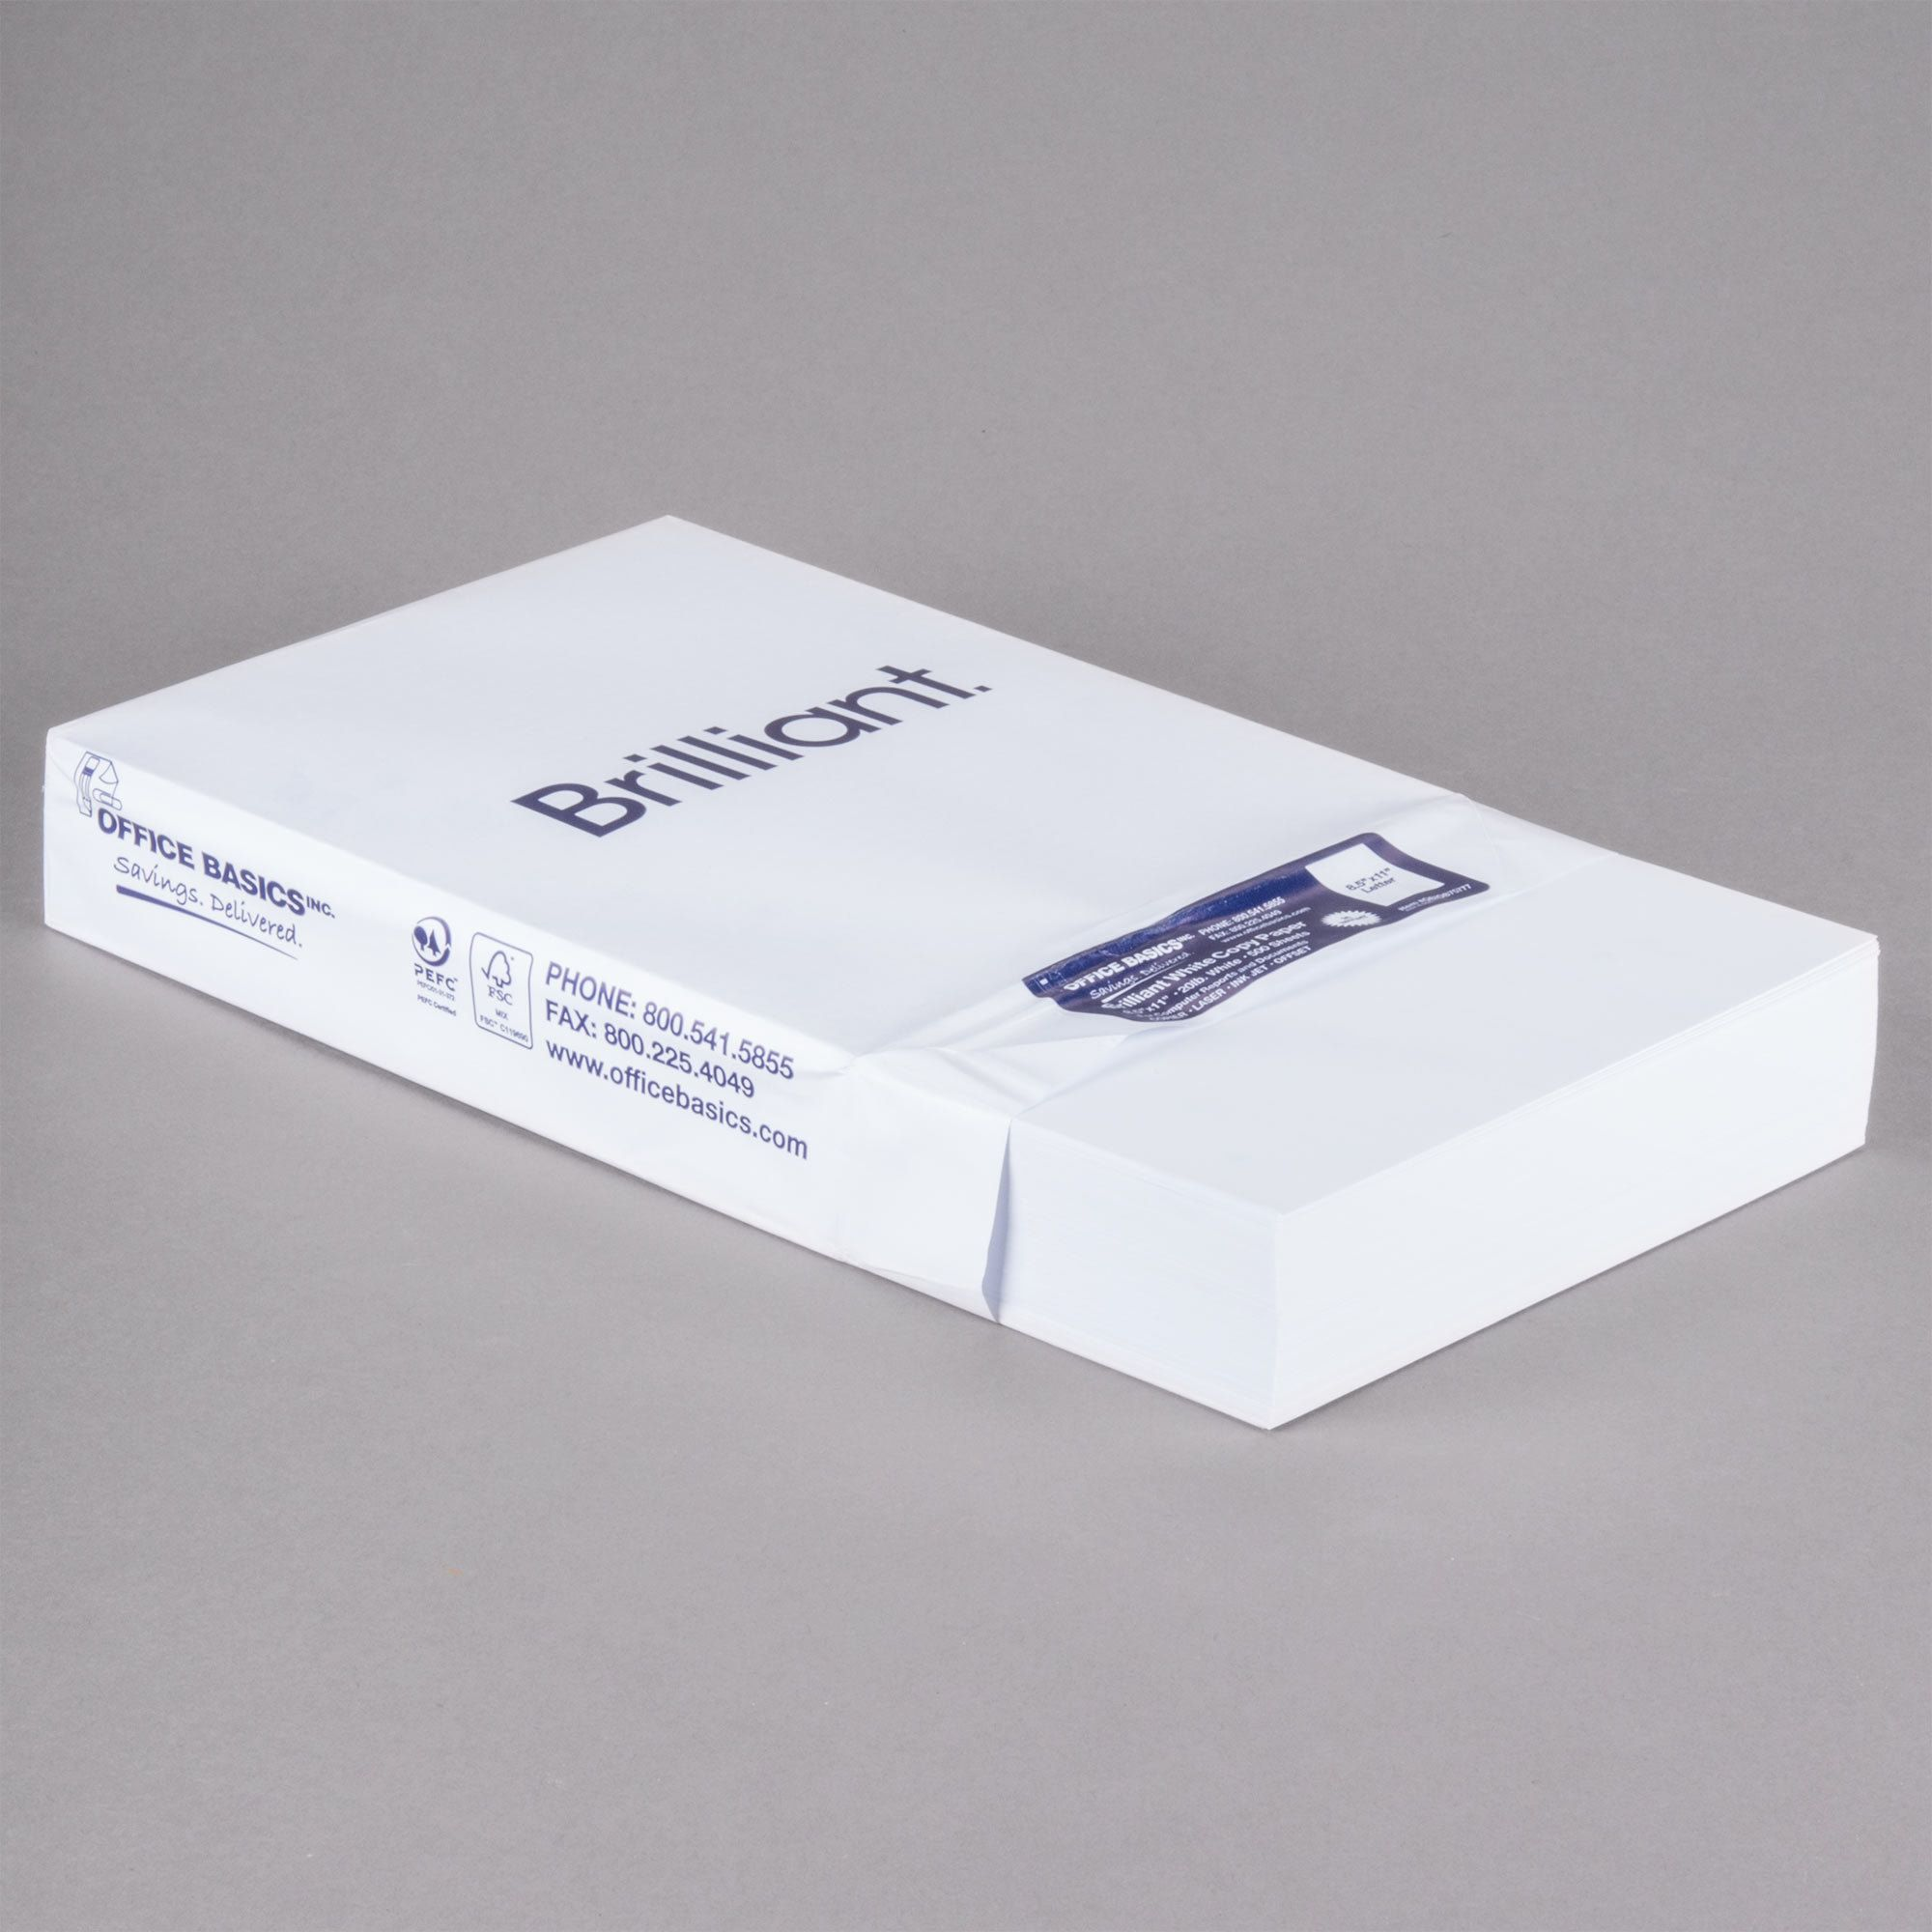 8 1 2 X 11 Bright White Ream Of 20 Copy Paper